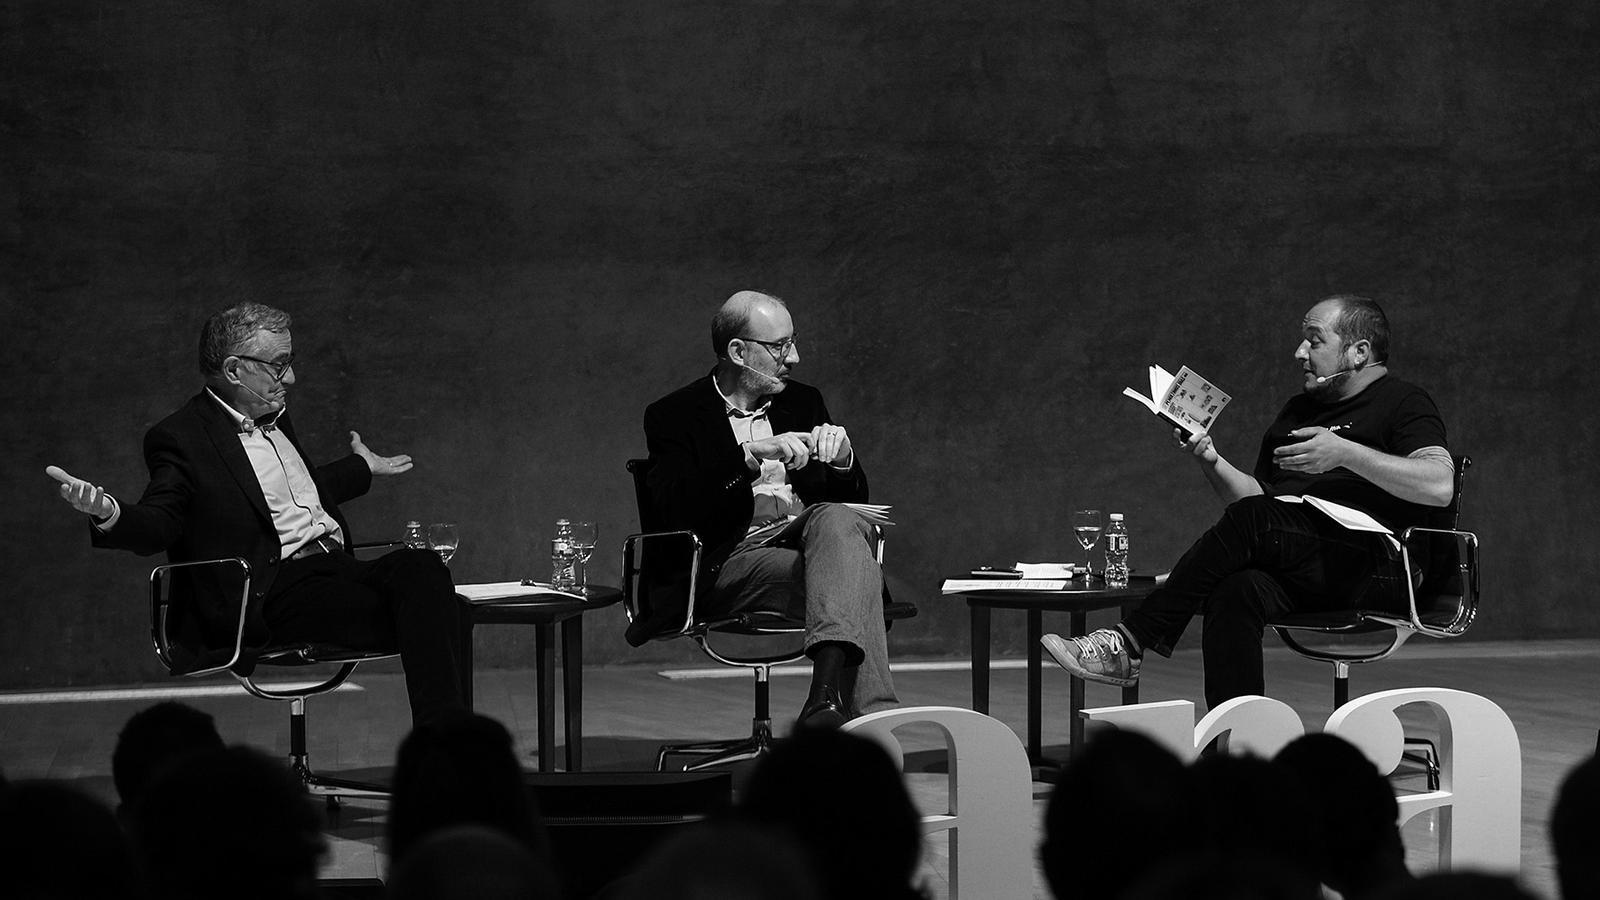 Miquel Puig vs. David Fernàndez: capitalisme, reforma o substitució?